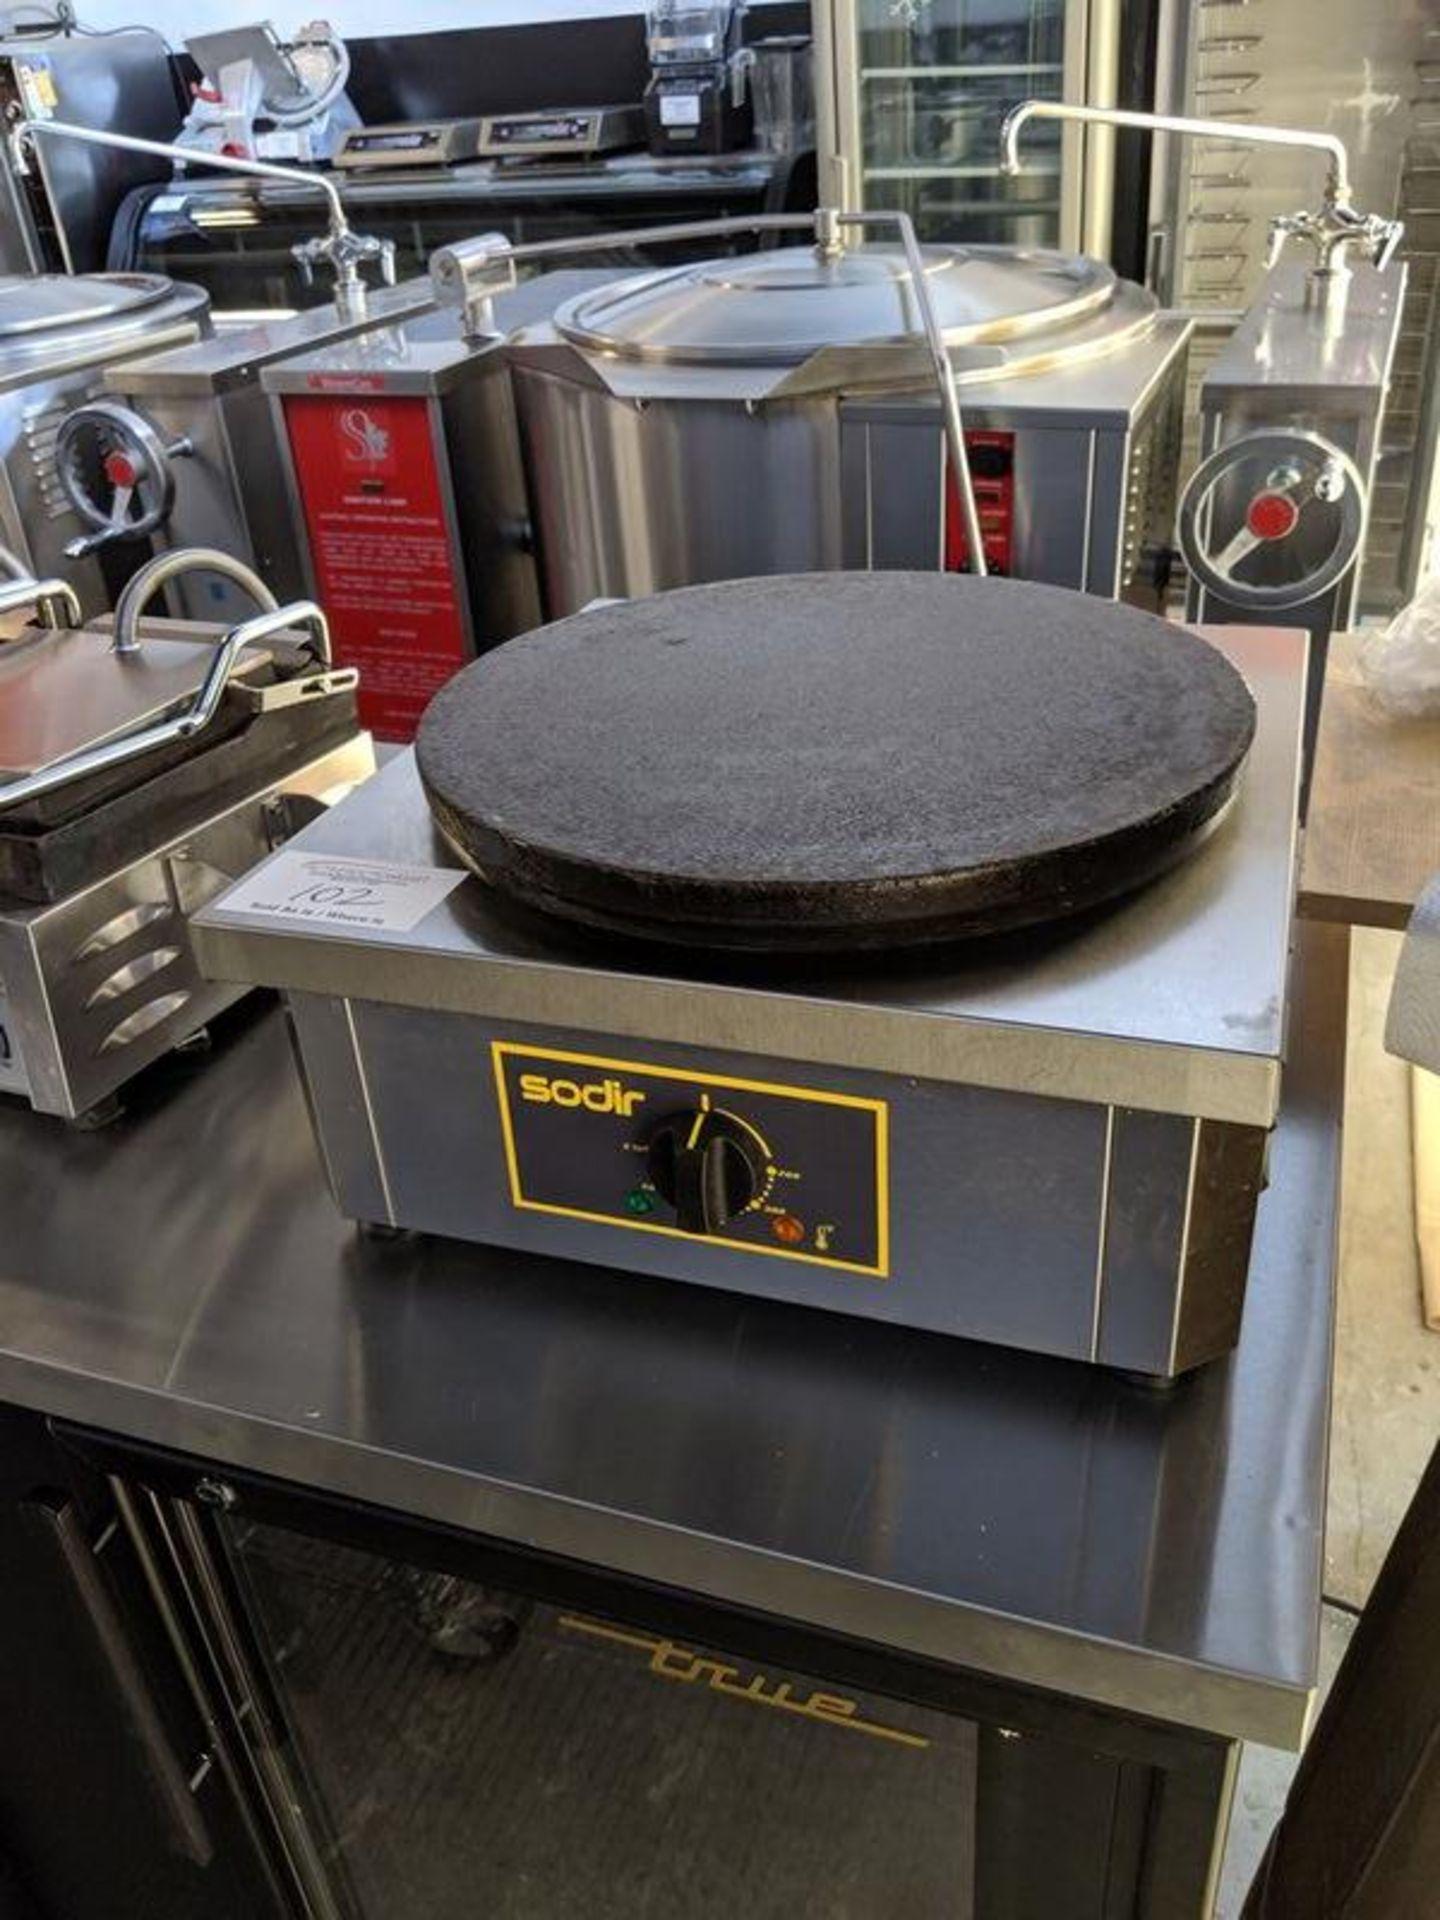 Lot 102 - Sodir Model 400E Crepe Maker - Used 1 Year